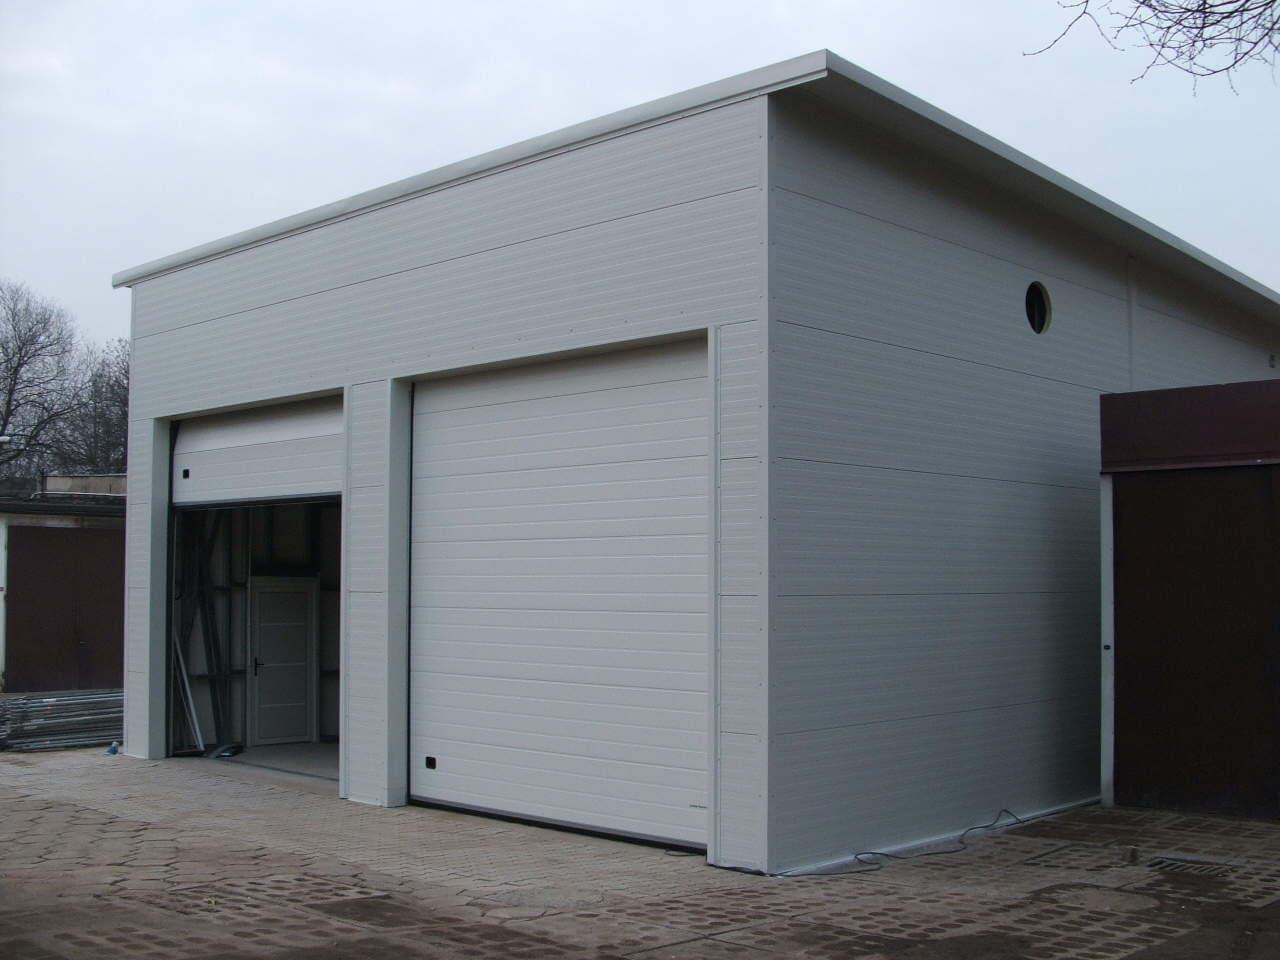 g 08 - Instalacja paneli poliuretanowych na dachu g_08